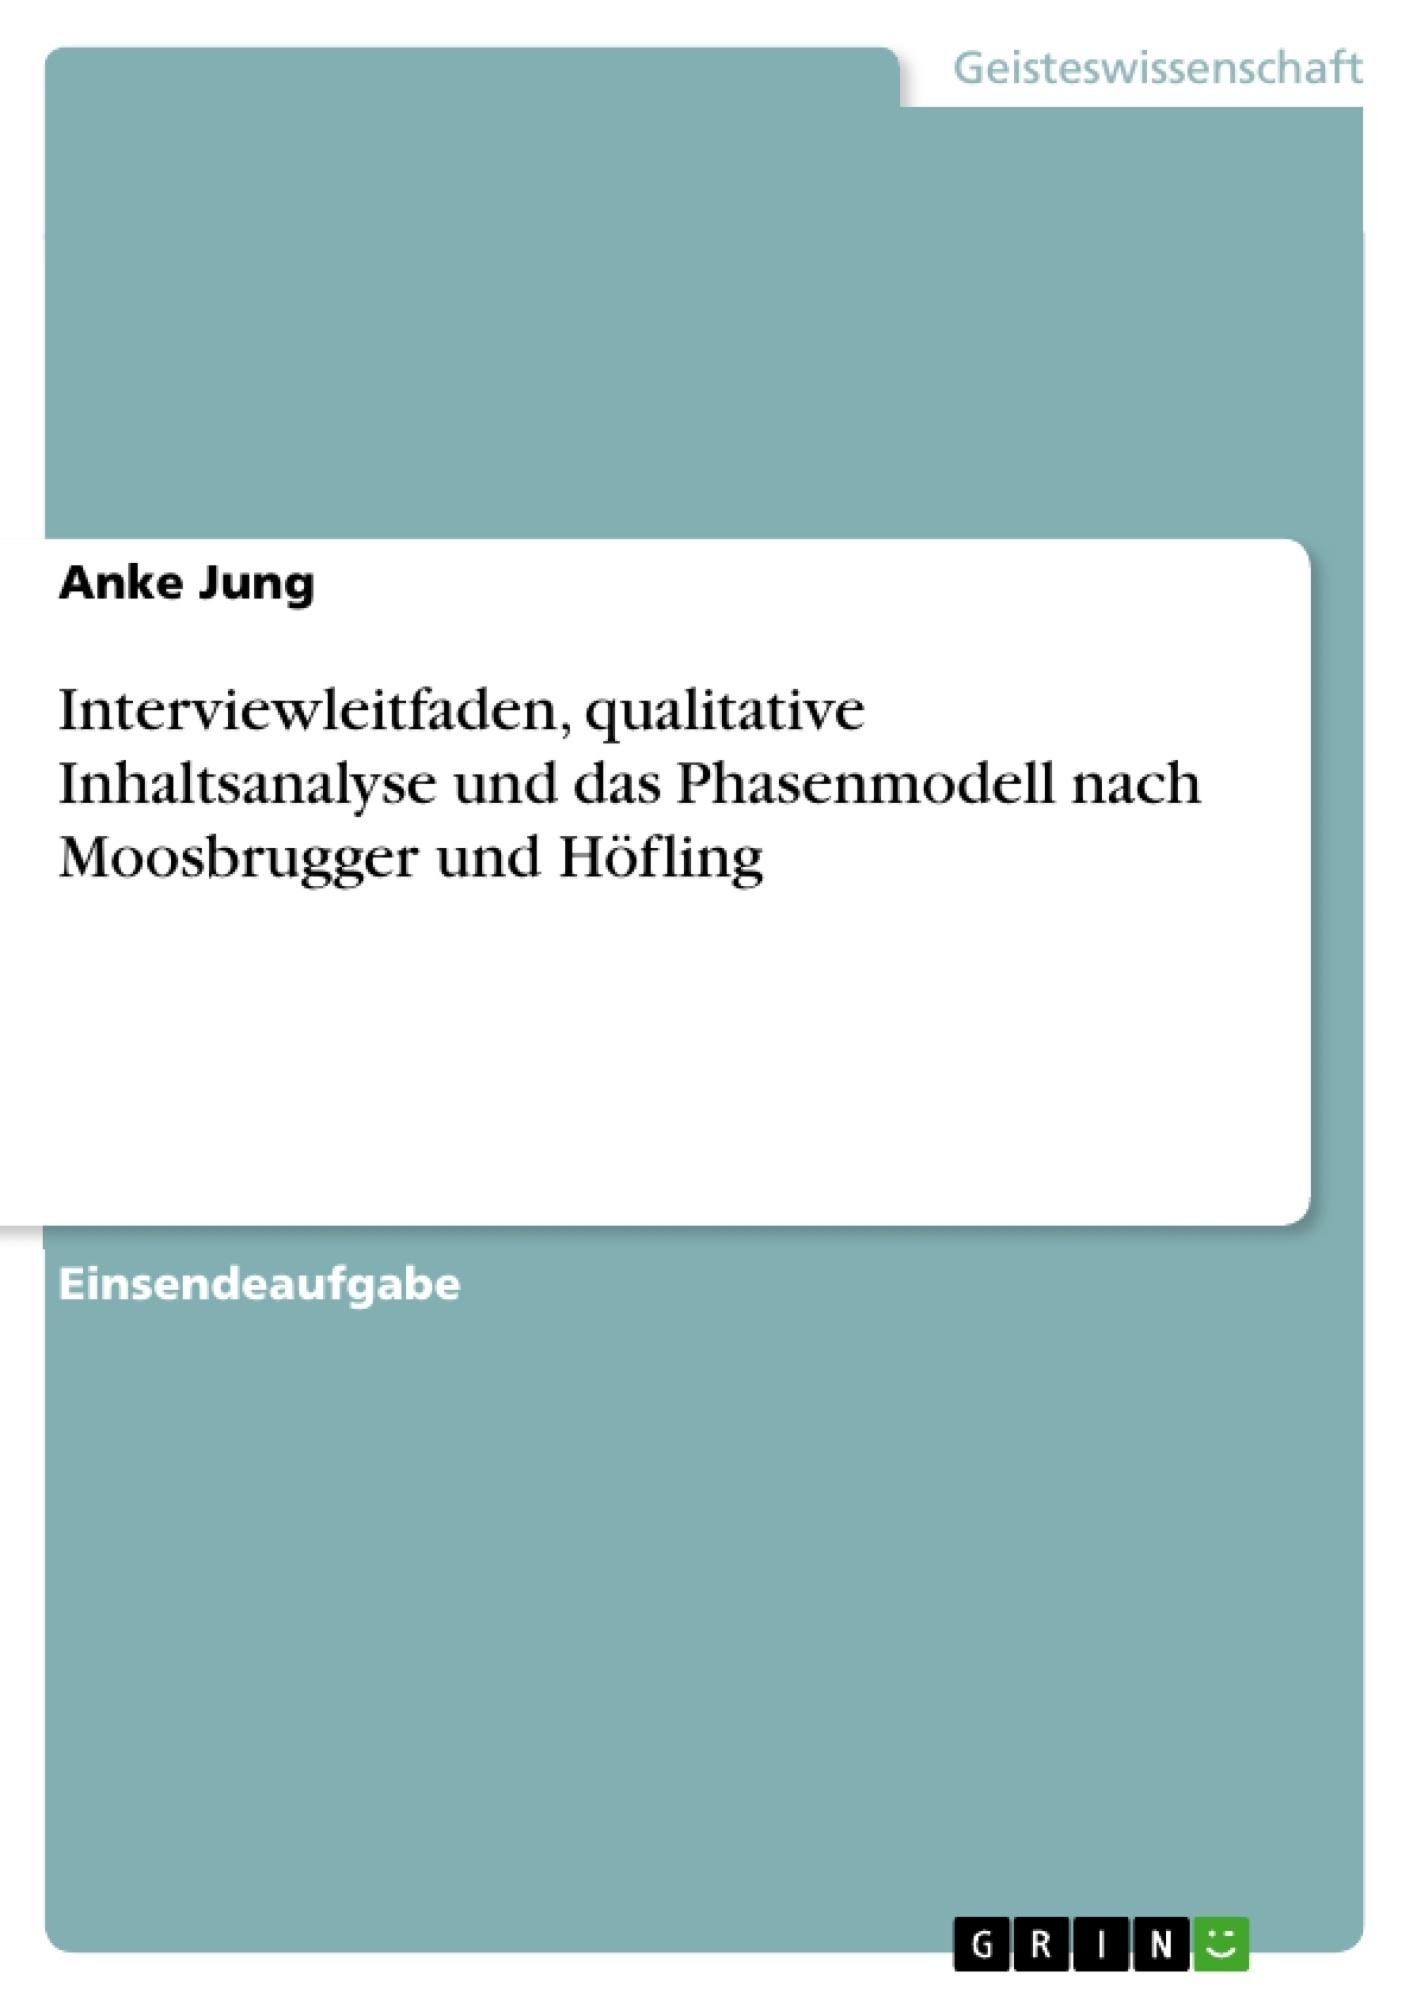 Titel: Interviewleitfaden, qualitative Inhaltsanalyse und das Phasenmodell nach Moosbrugger und Höfling